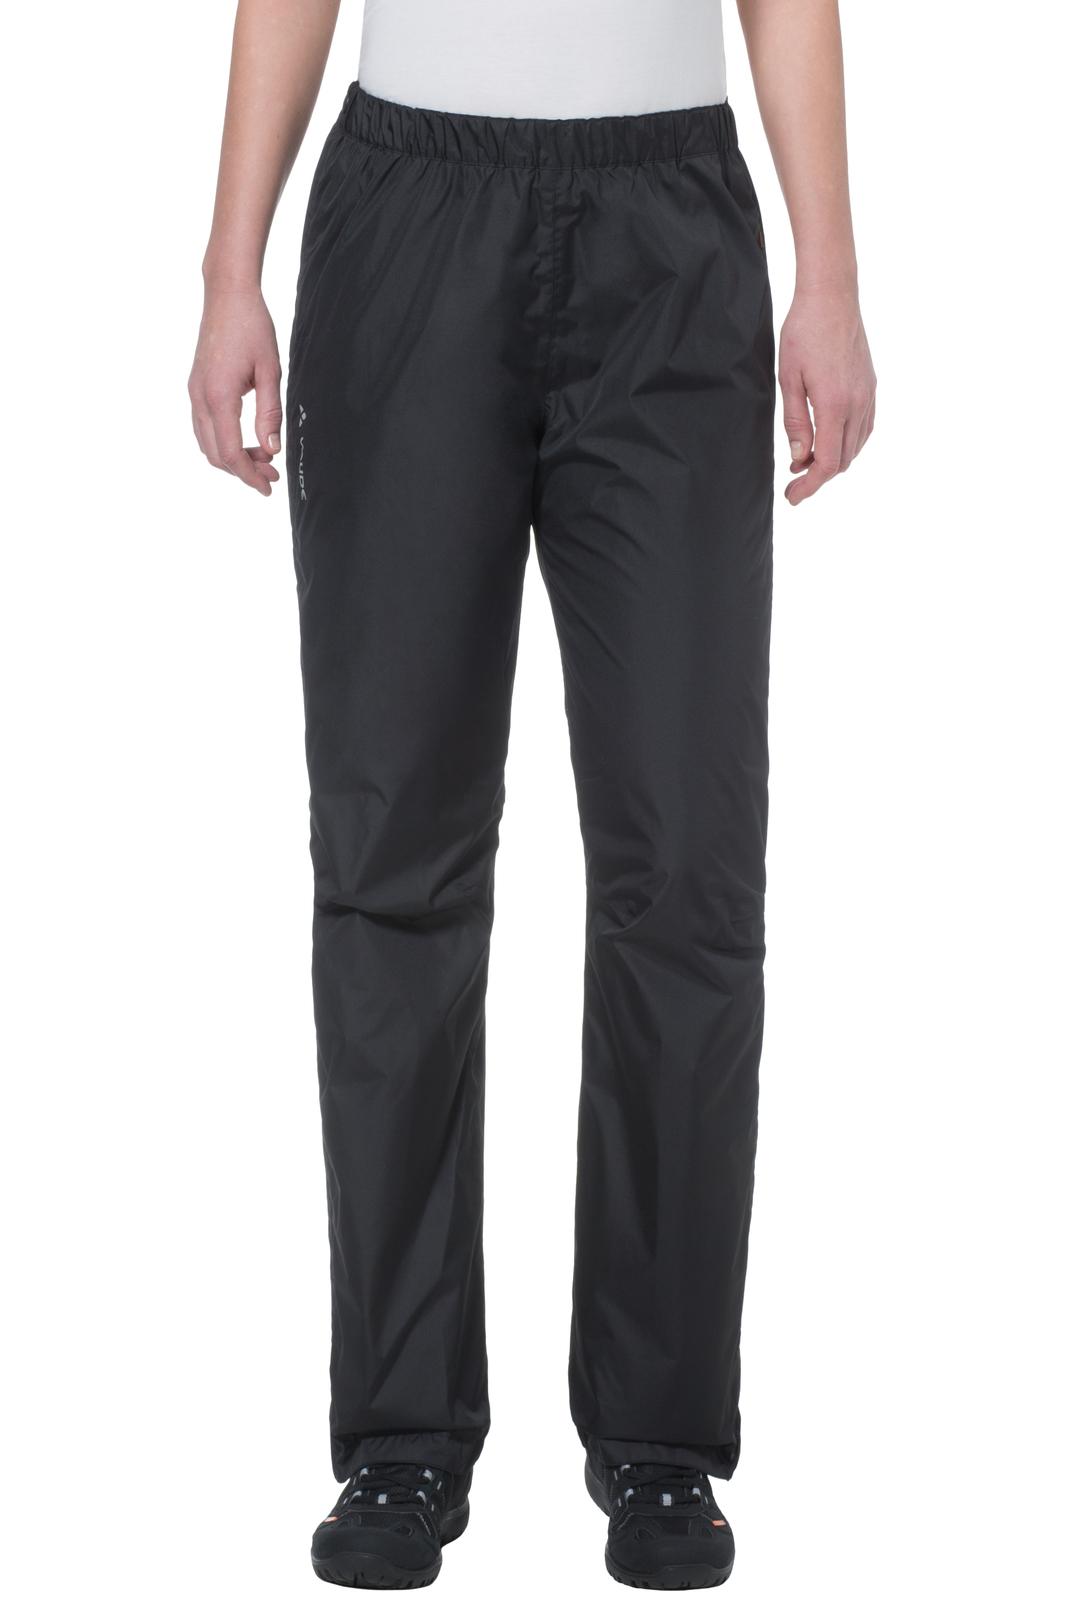 Women Fluid Full-Zip Pants